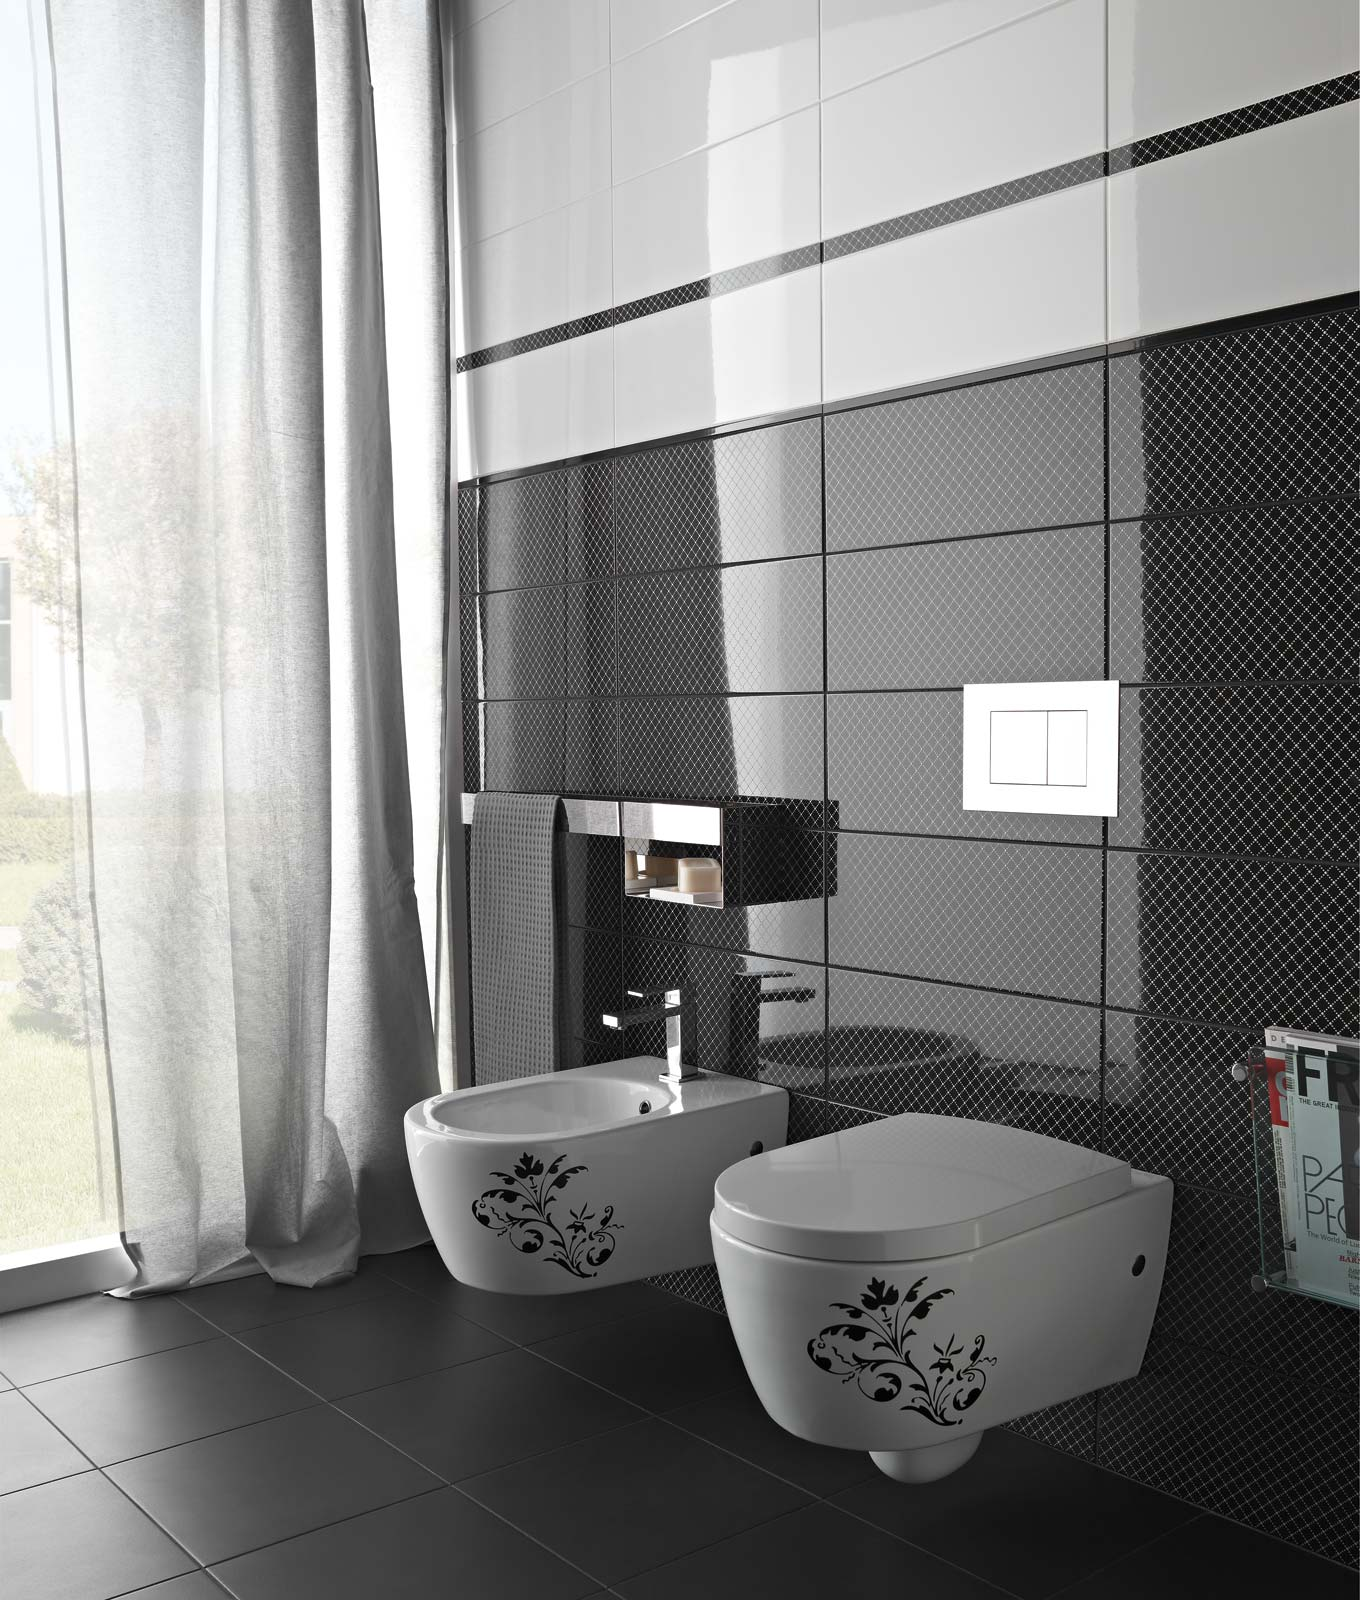 Black white piastrelle per bagno e cucina marazzi - Piastrelle per bagno marazzi ...